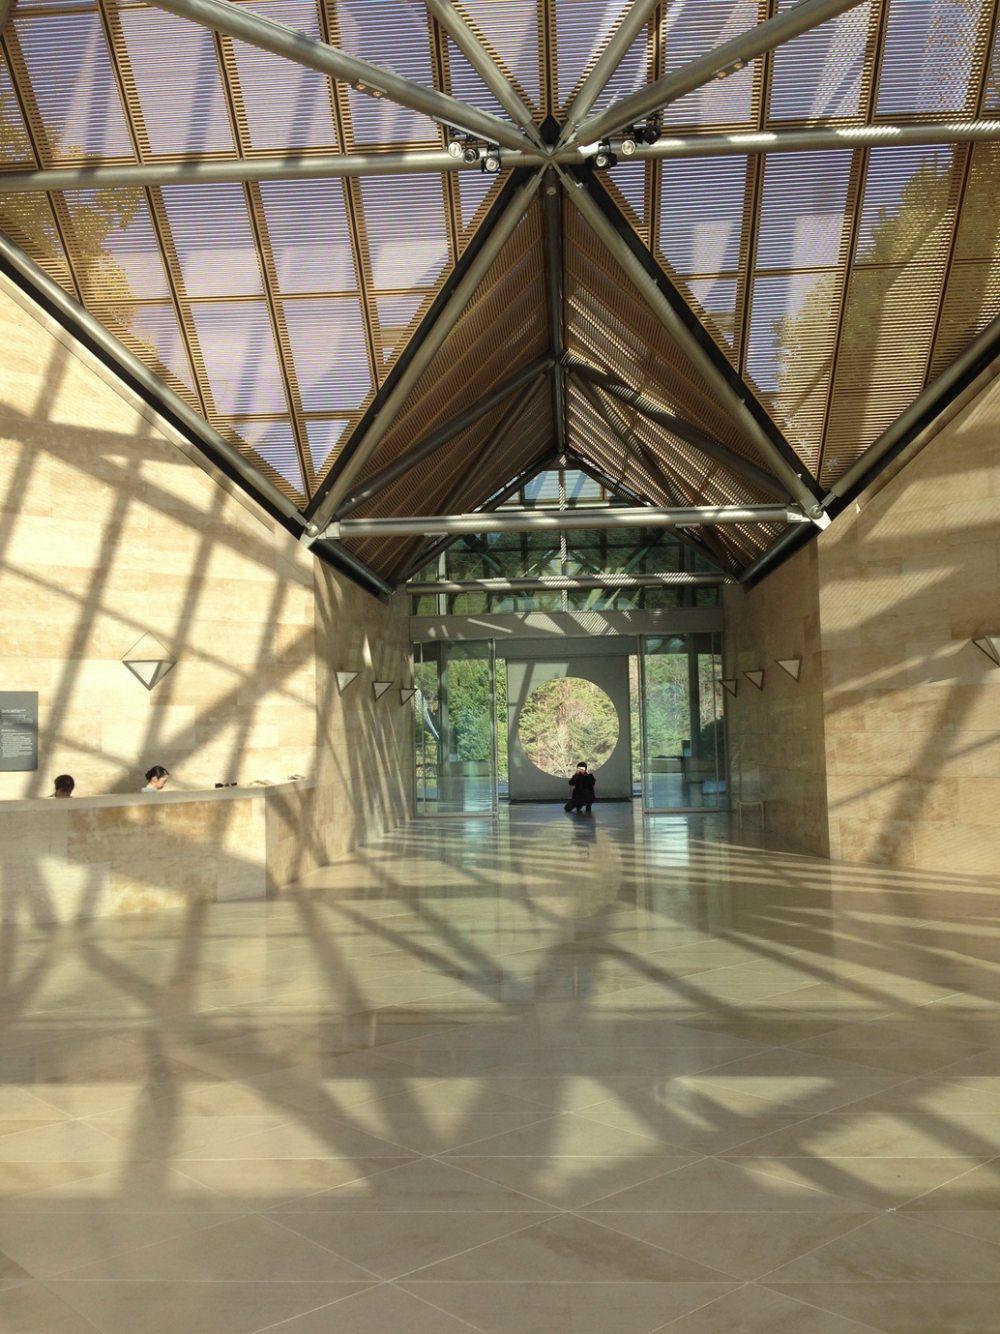 日本美秀美术馆MIHO MUSEUM自拍分享-贝聿铭_IMG_7202.JPG